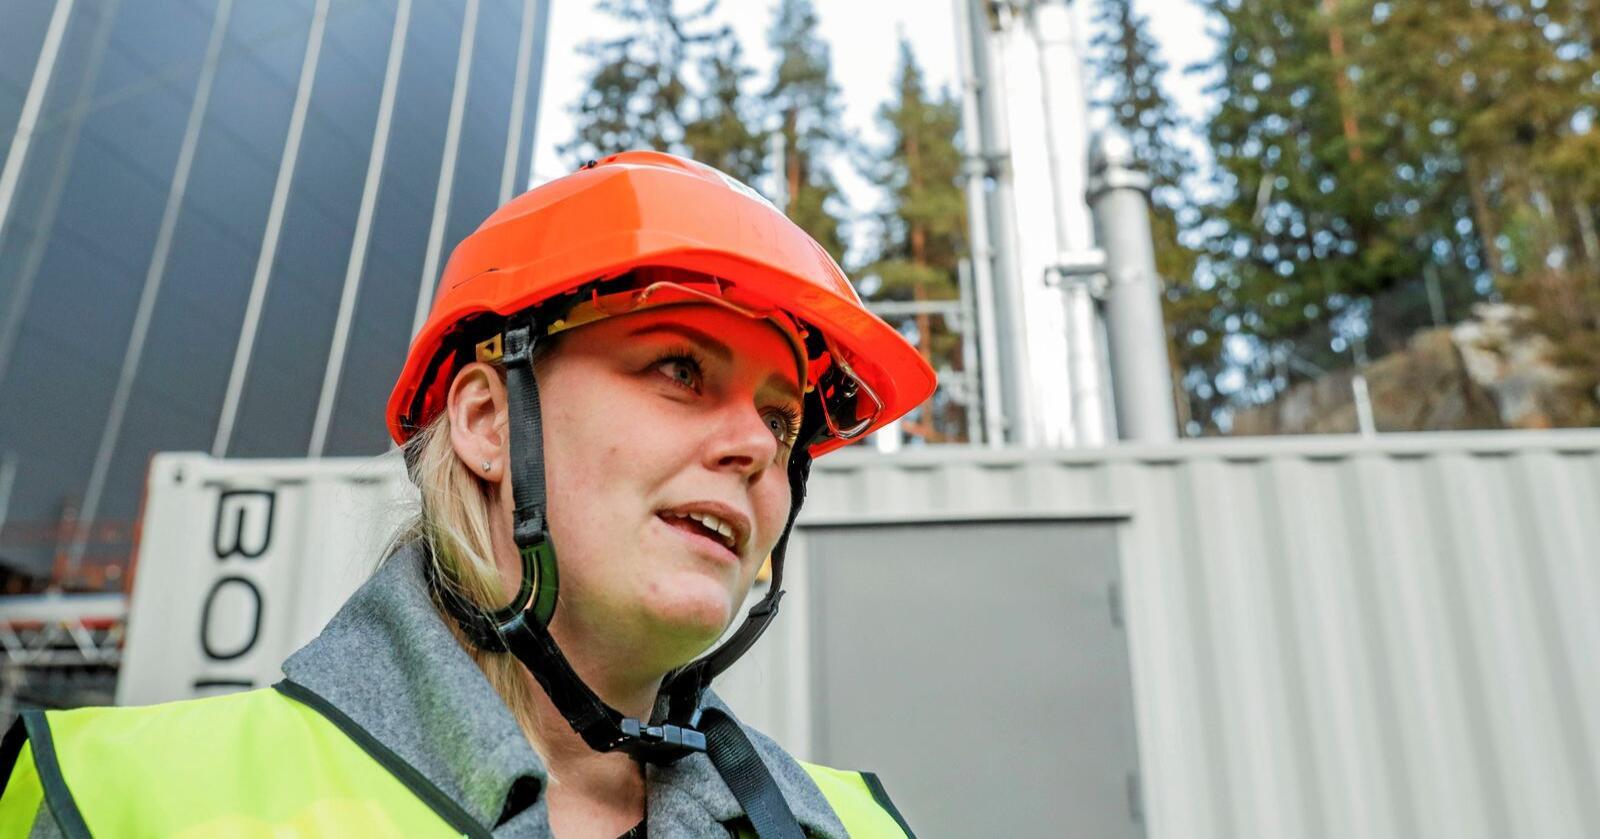 Ikke støtte: NorthConnect: Olje- og energiminister Tina Bru legger NorthConnect-søknaden på is. Foto: Terje Bendiksby / NTB scanpix